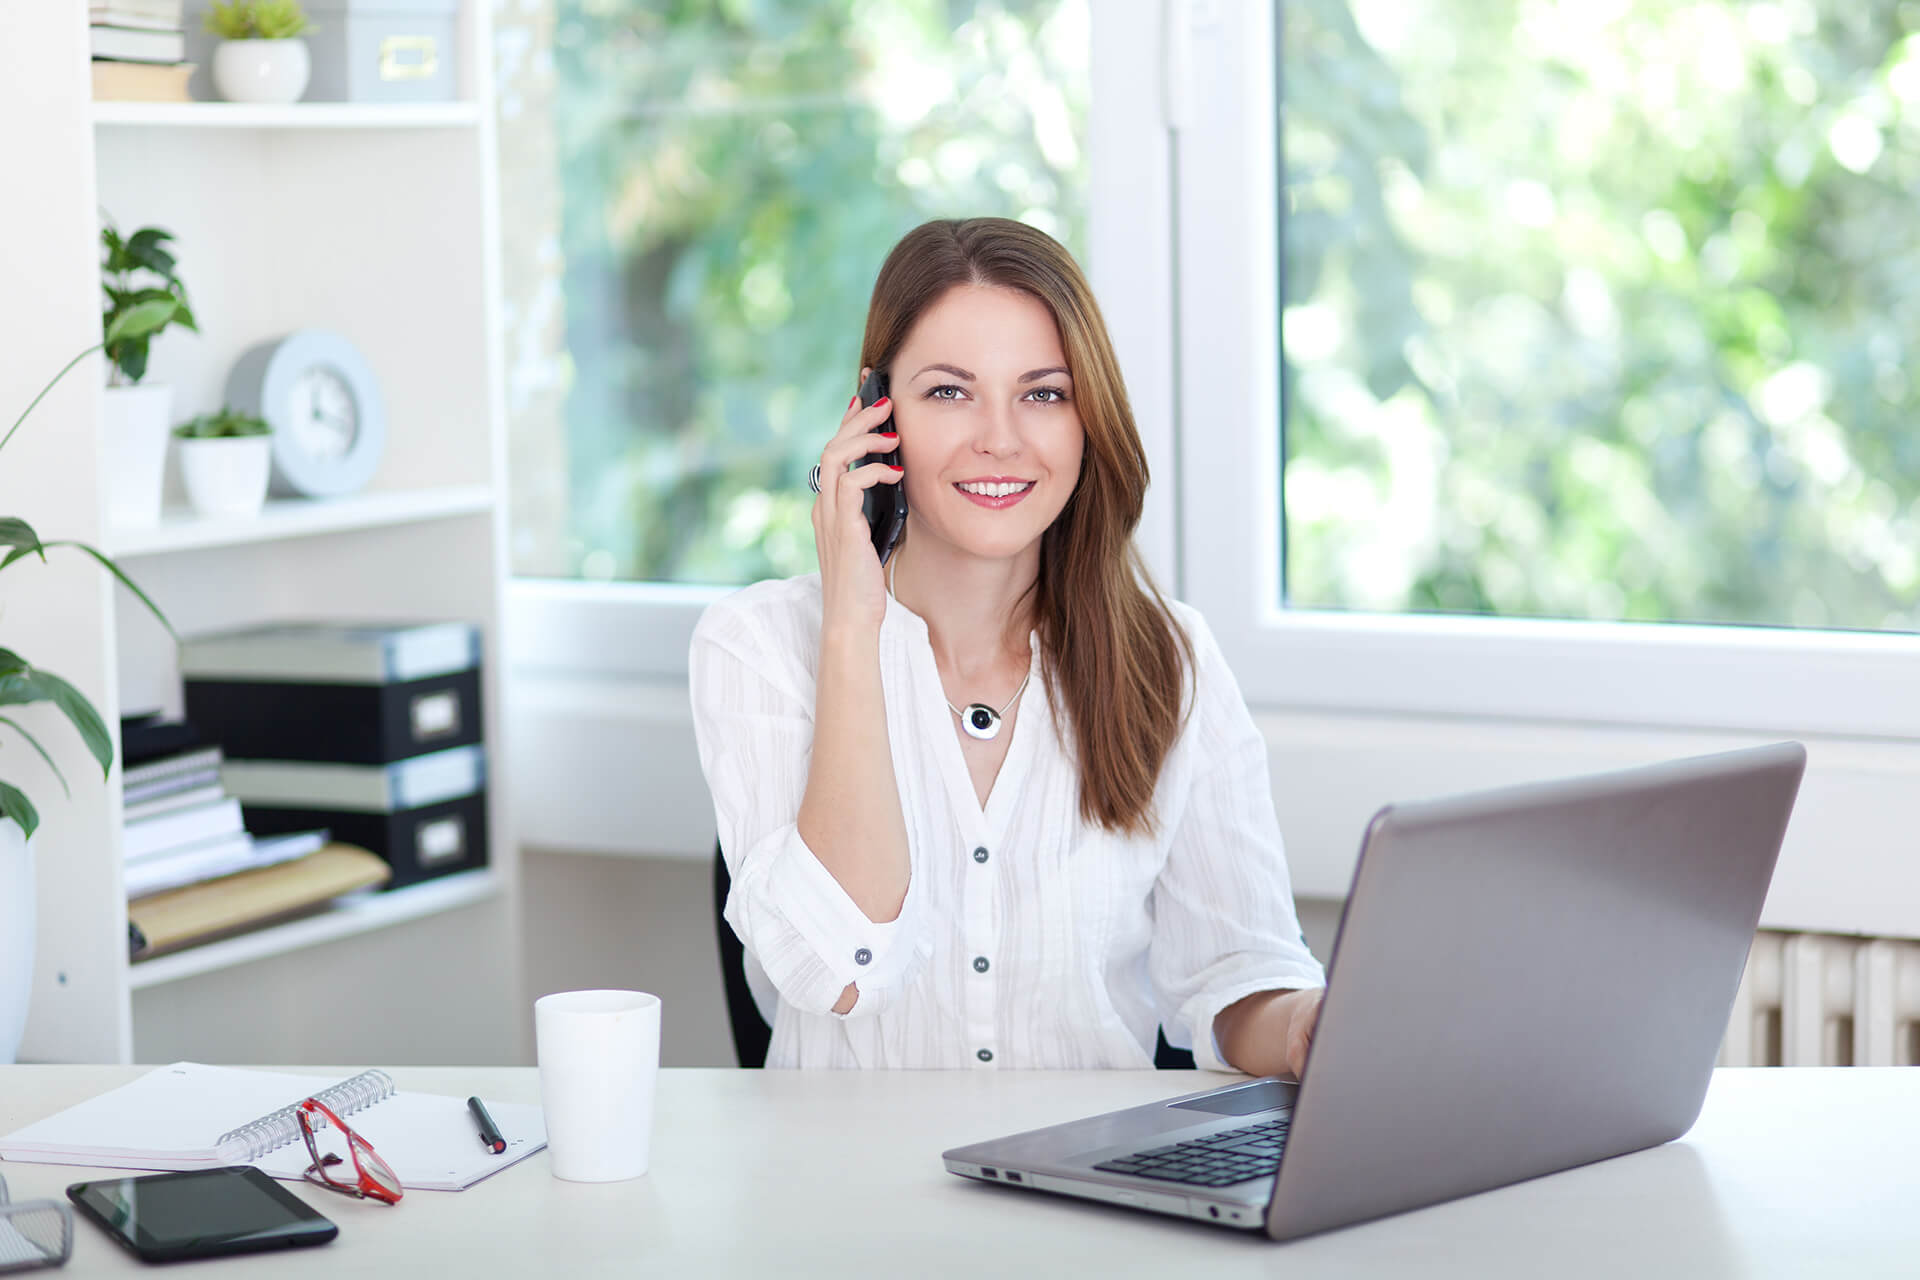 Работа по телефону удаленно закон об фрилансе